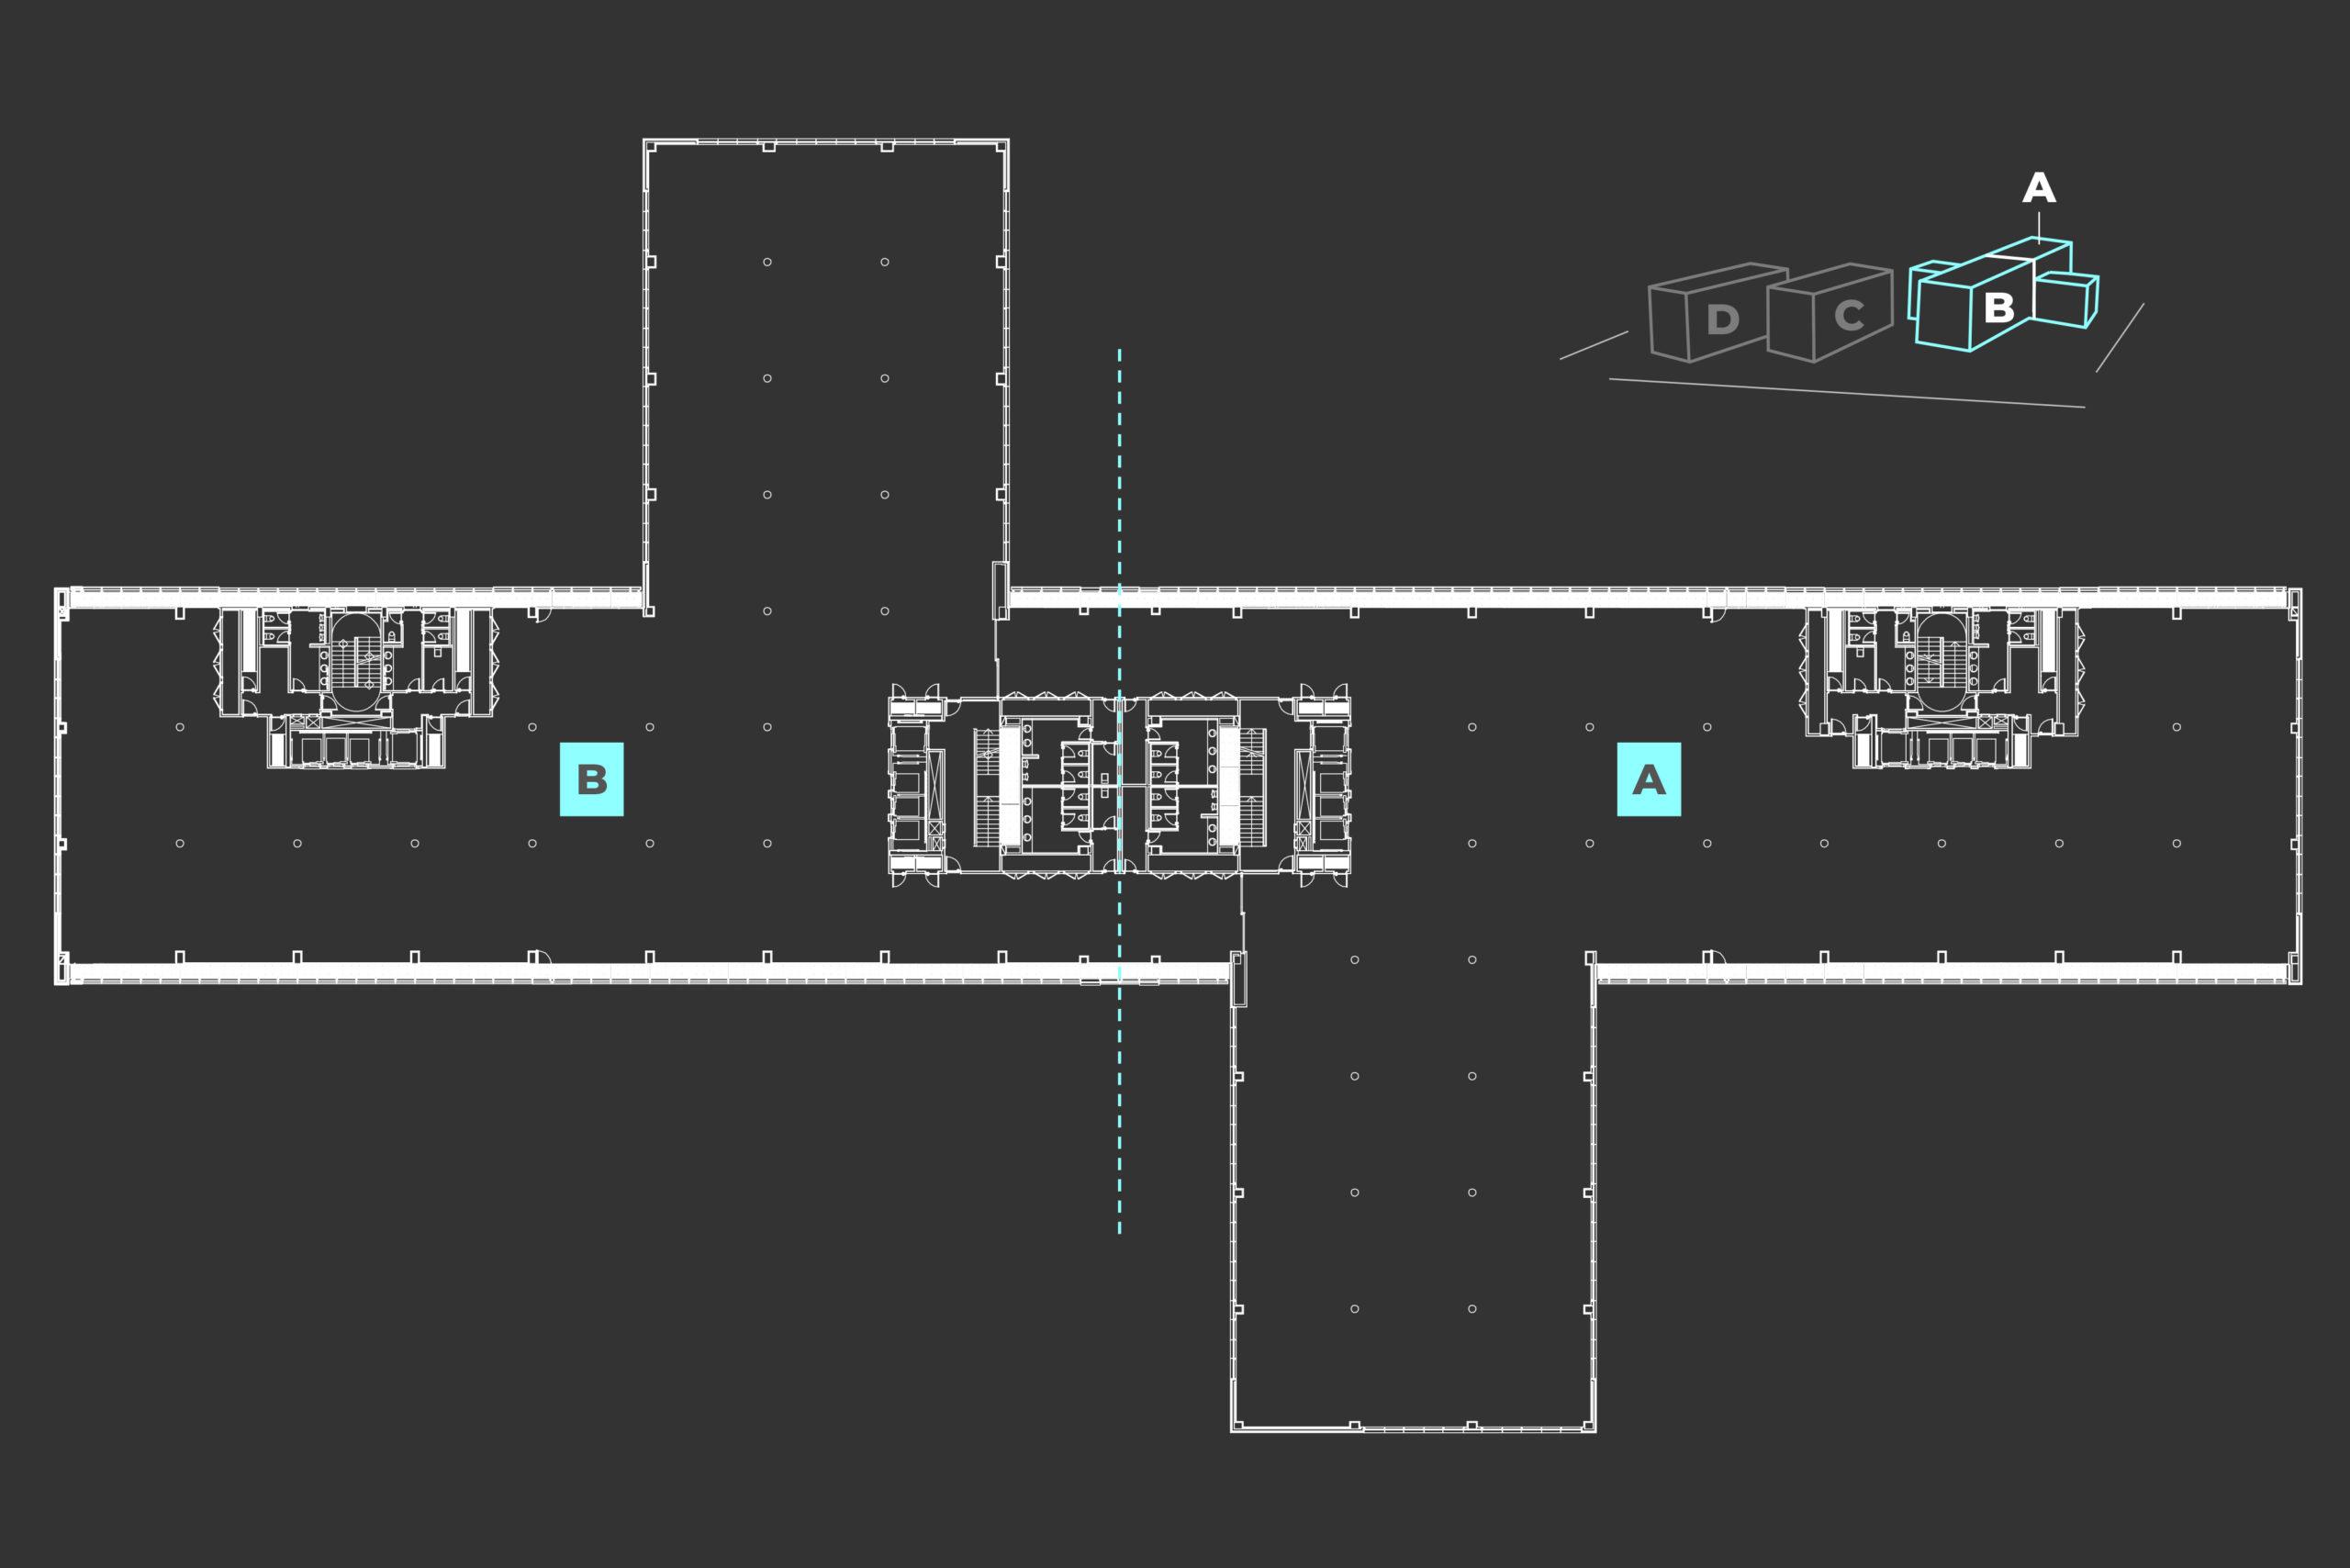 plano de edificios a y b